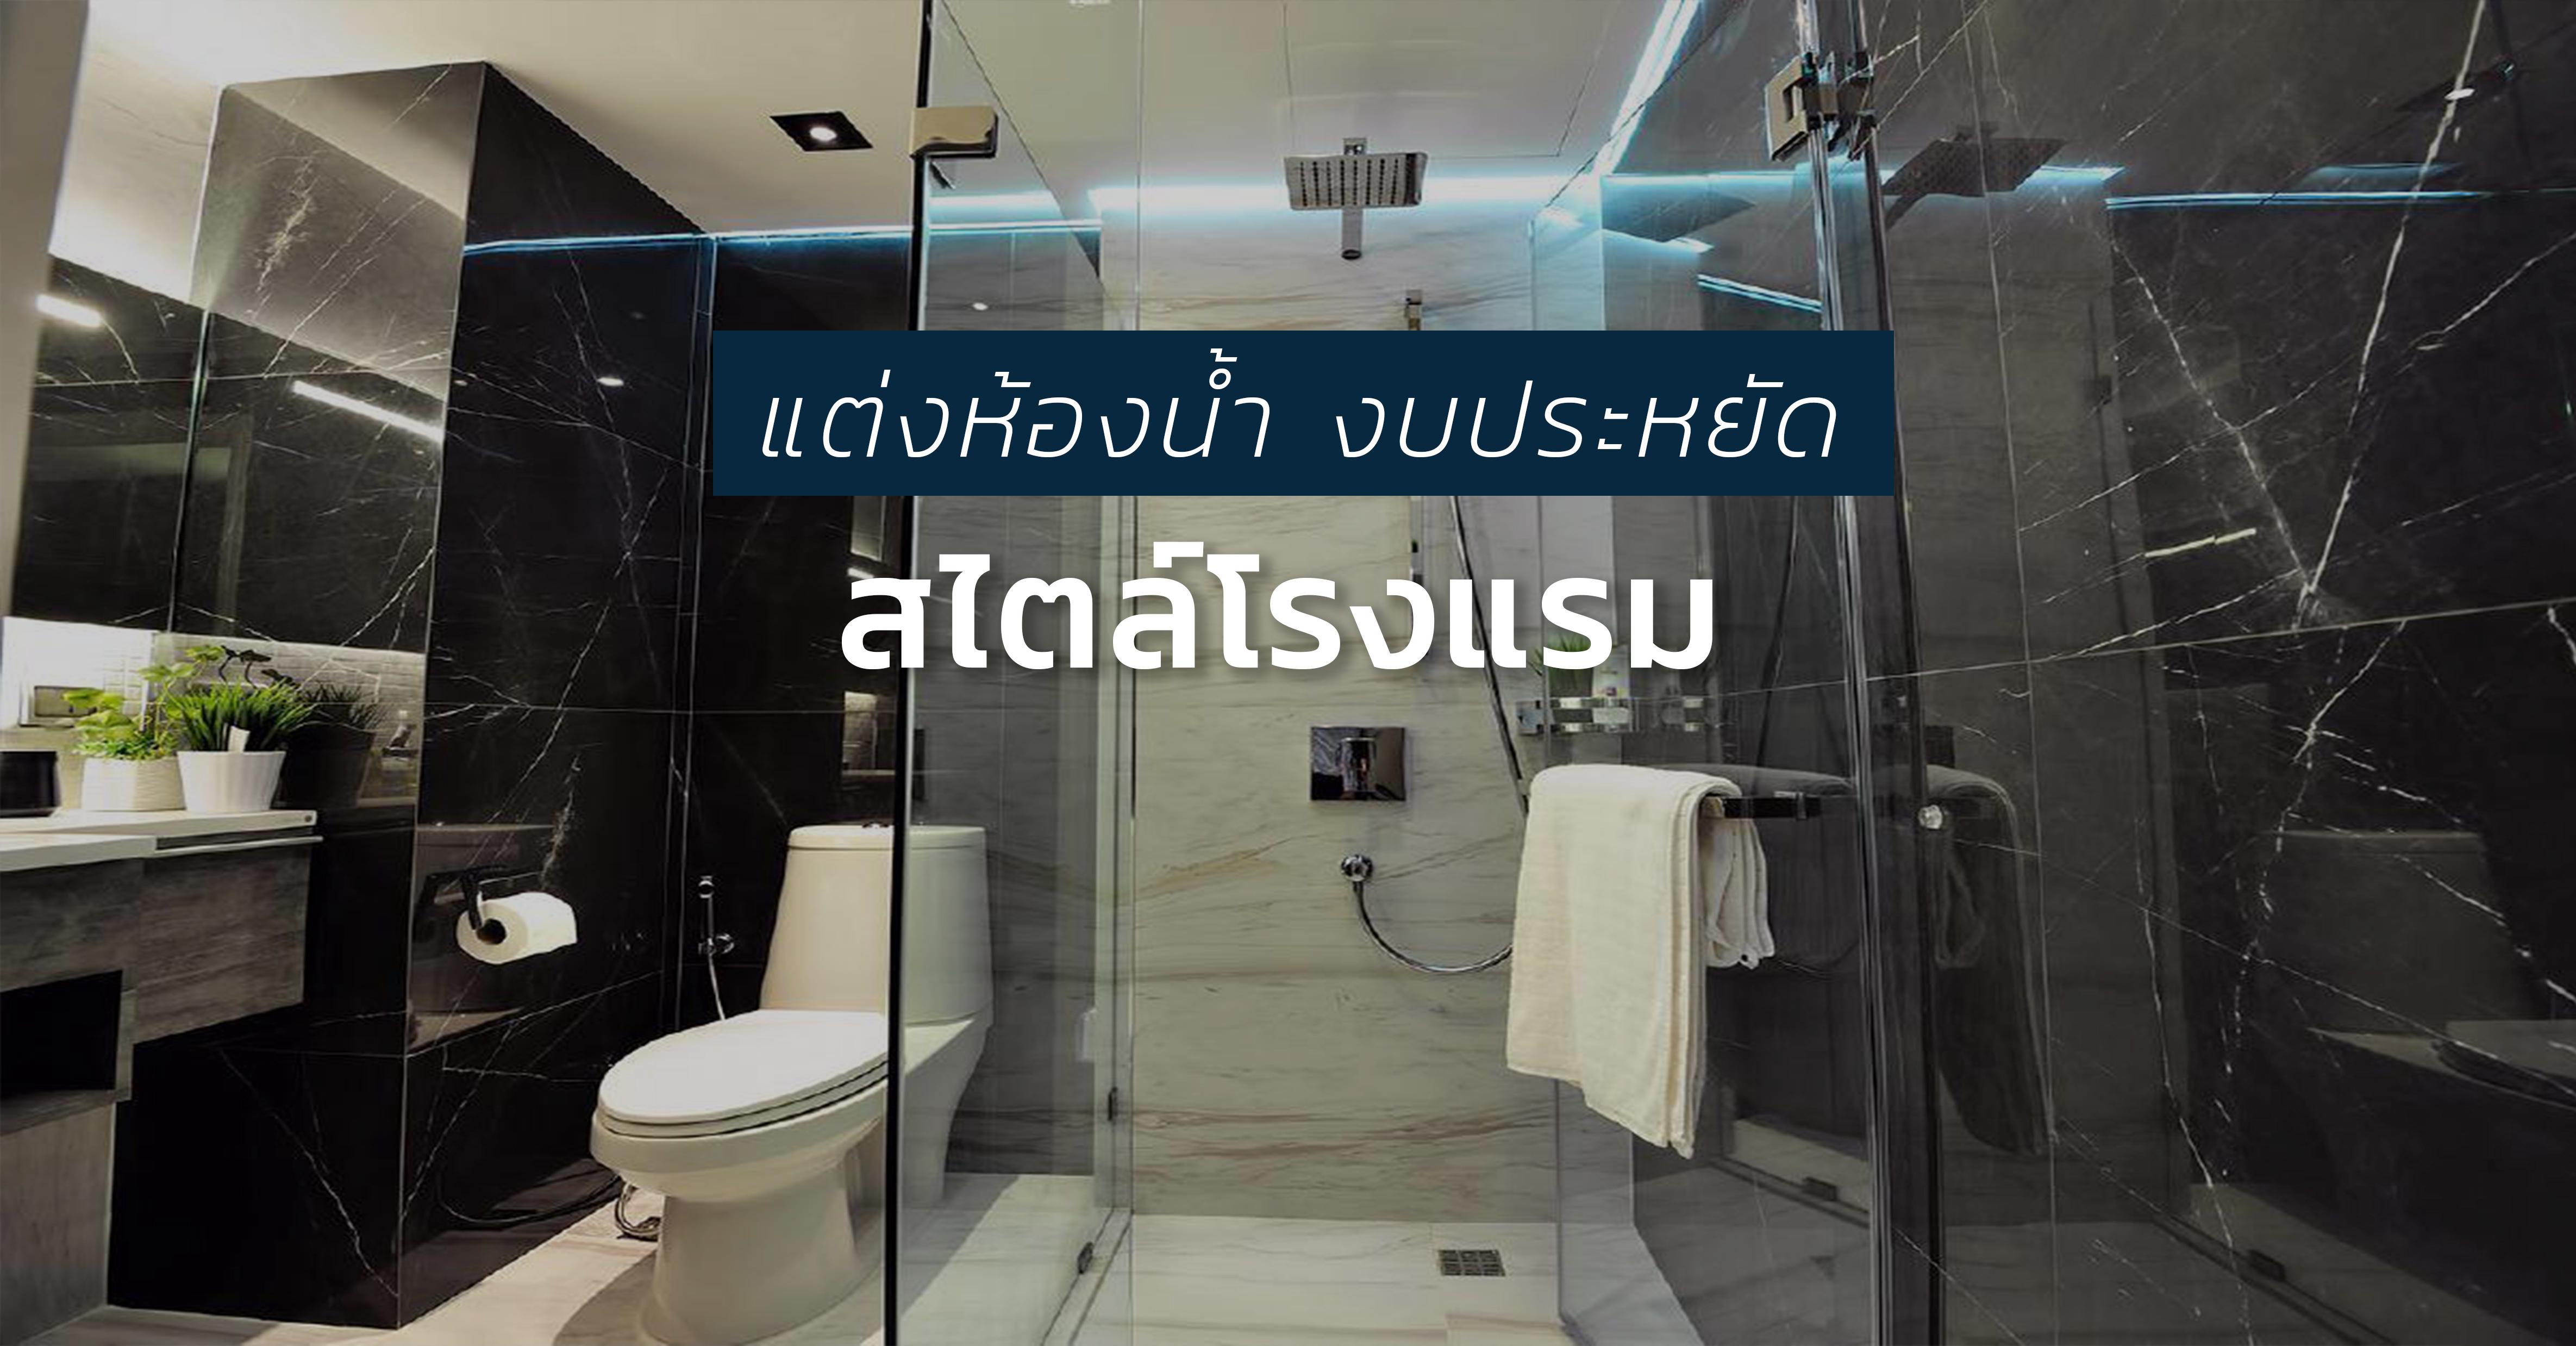 รูปบทความ แต่งห้องน้ำแบบประหยัด รีวิวการทำห้องน้ำเก่าให้เหมือนใหม่ สไตล์โรงแรม